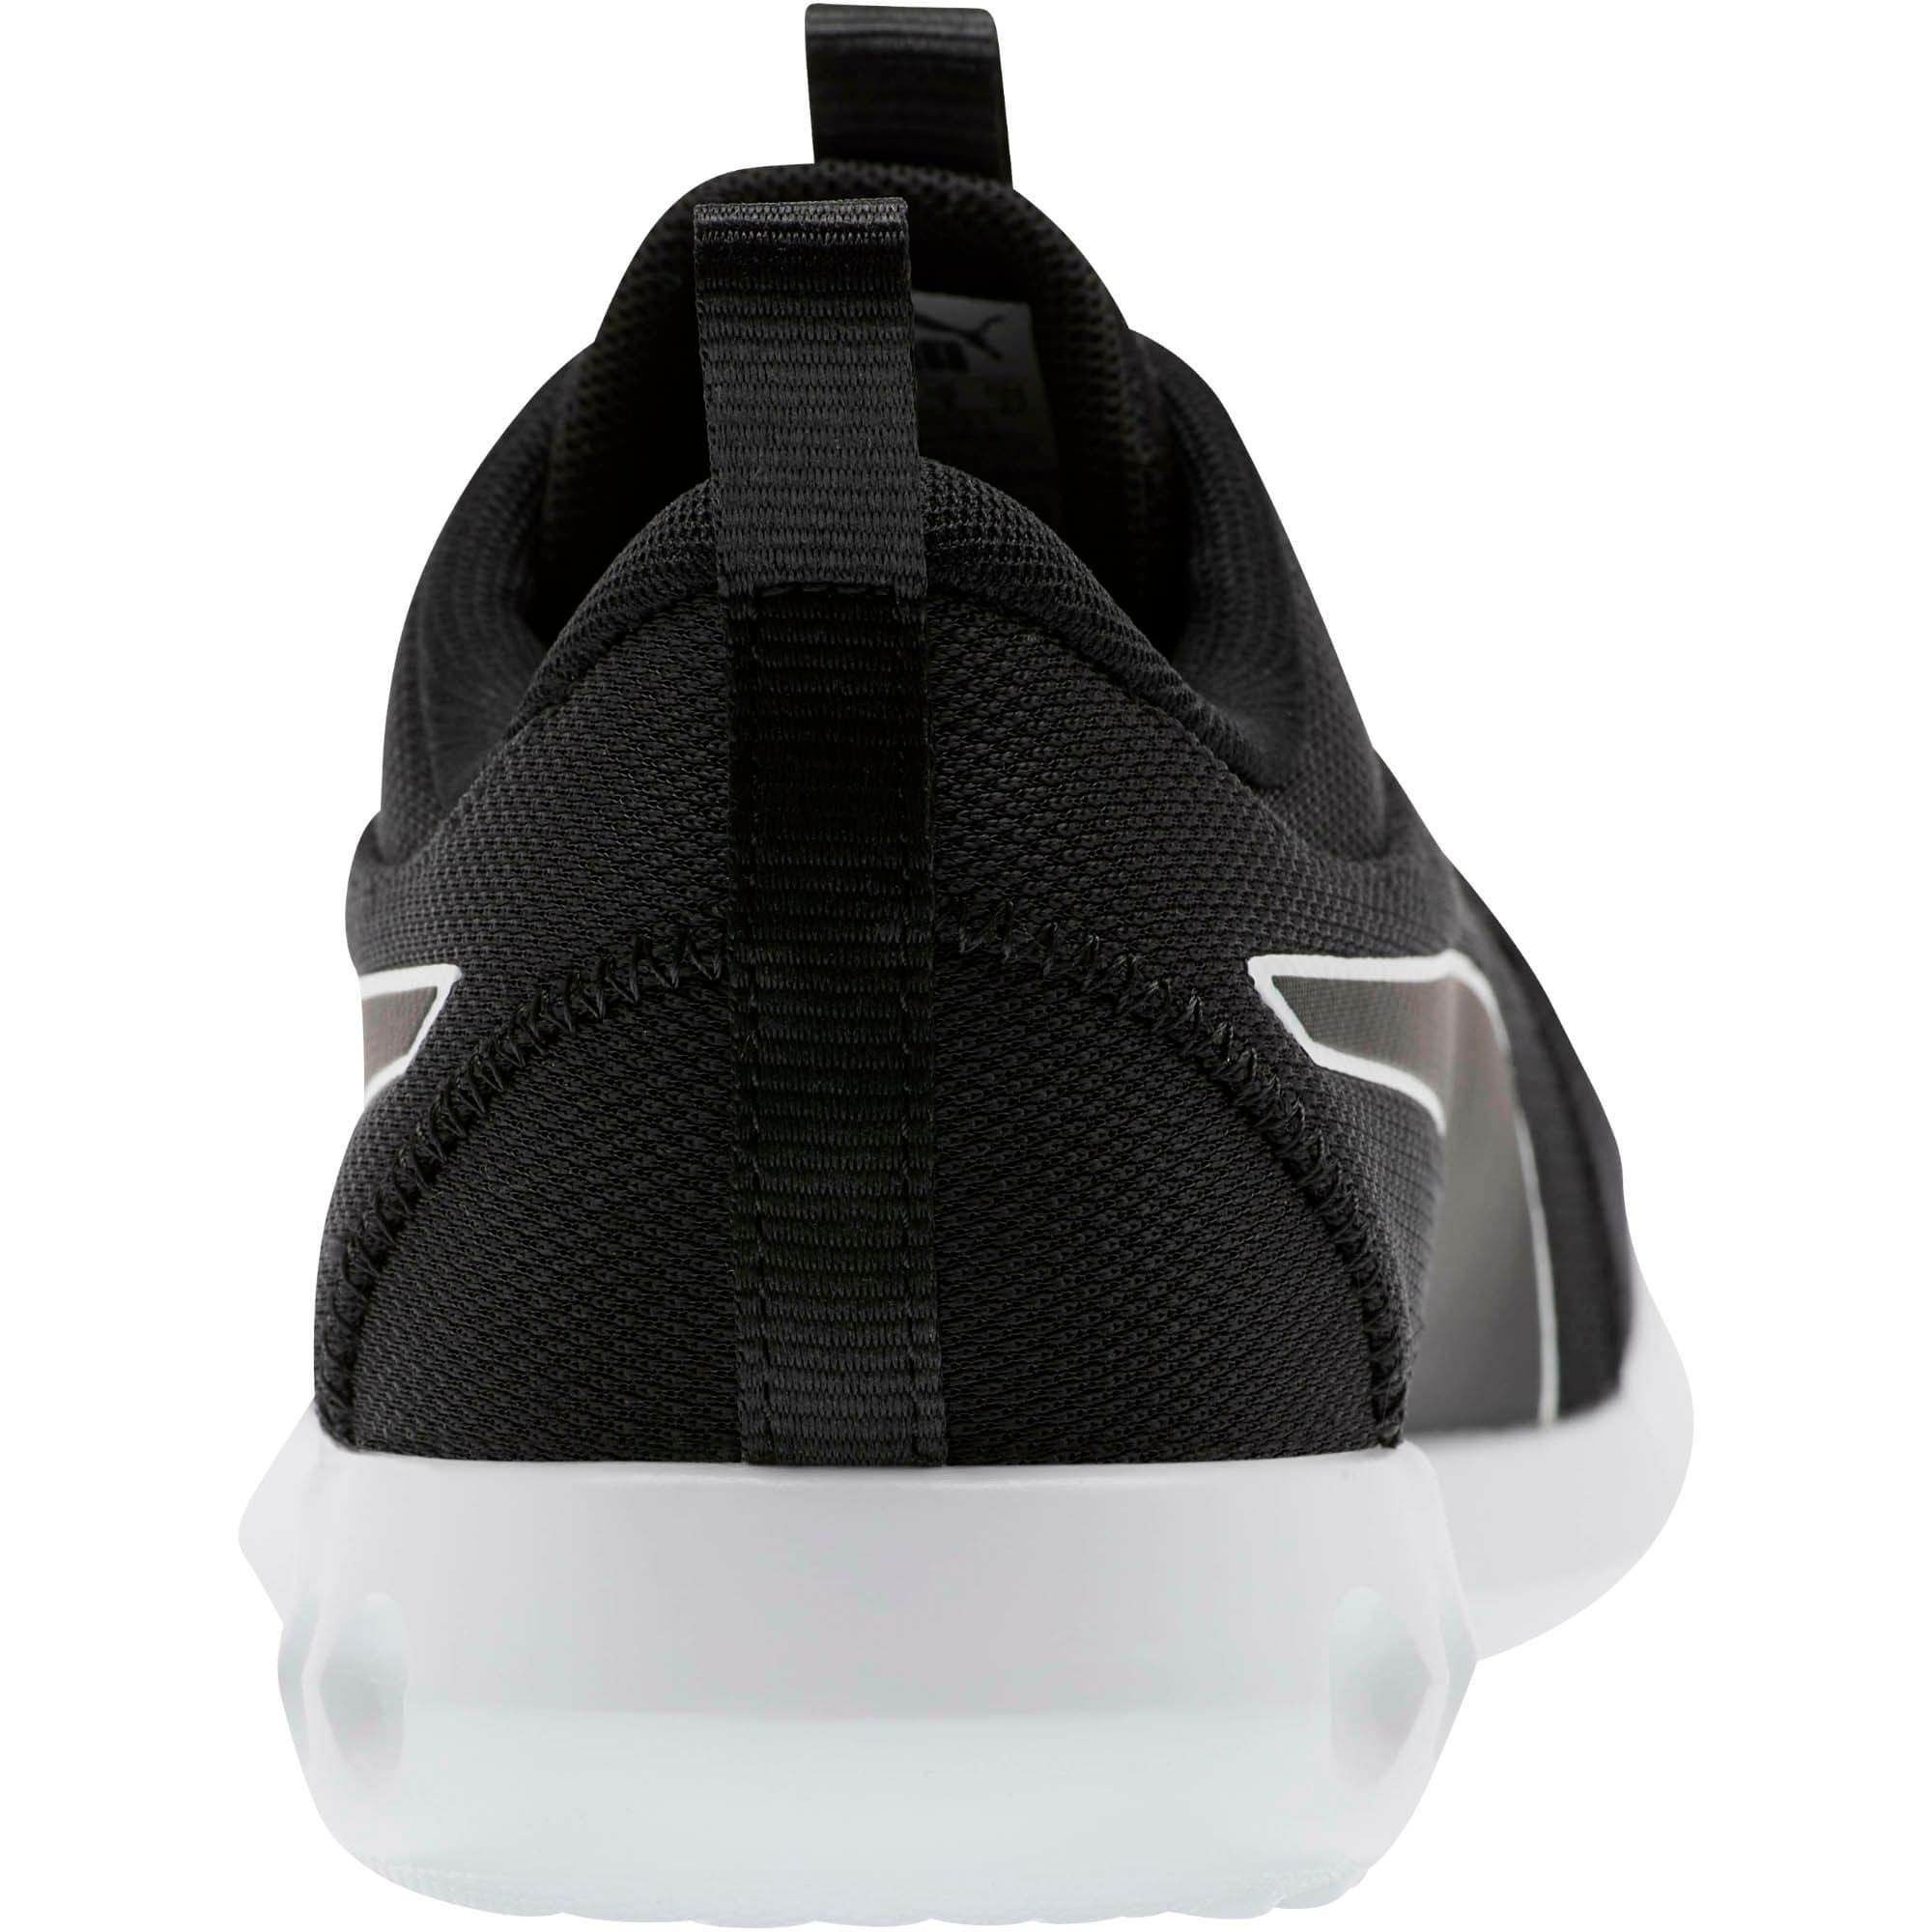 Miniatura 3 de Zapatos para correr Carson 2 Cosmo para hombre, Puma Black-Puma White, mediano